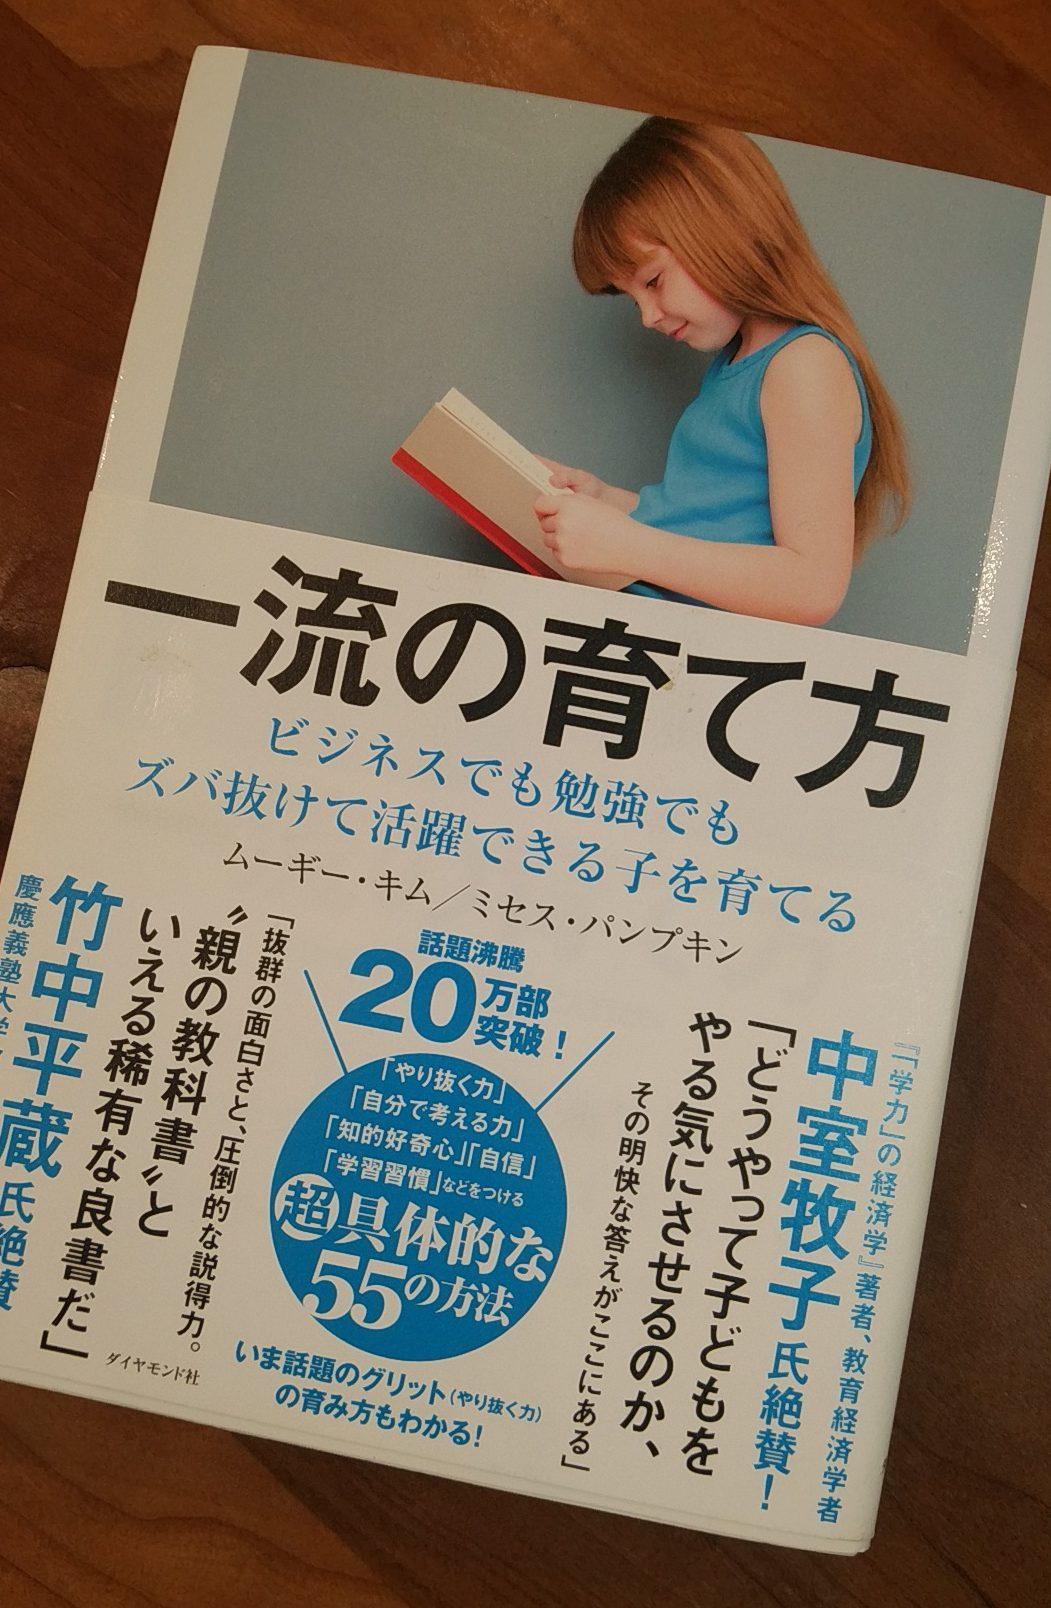 子育て本「一流の育て方」をオススメしたい理由